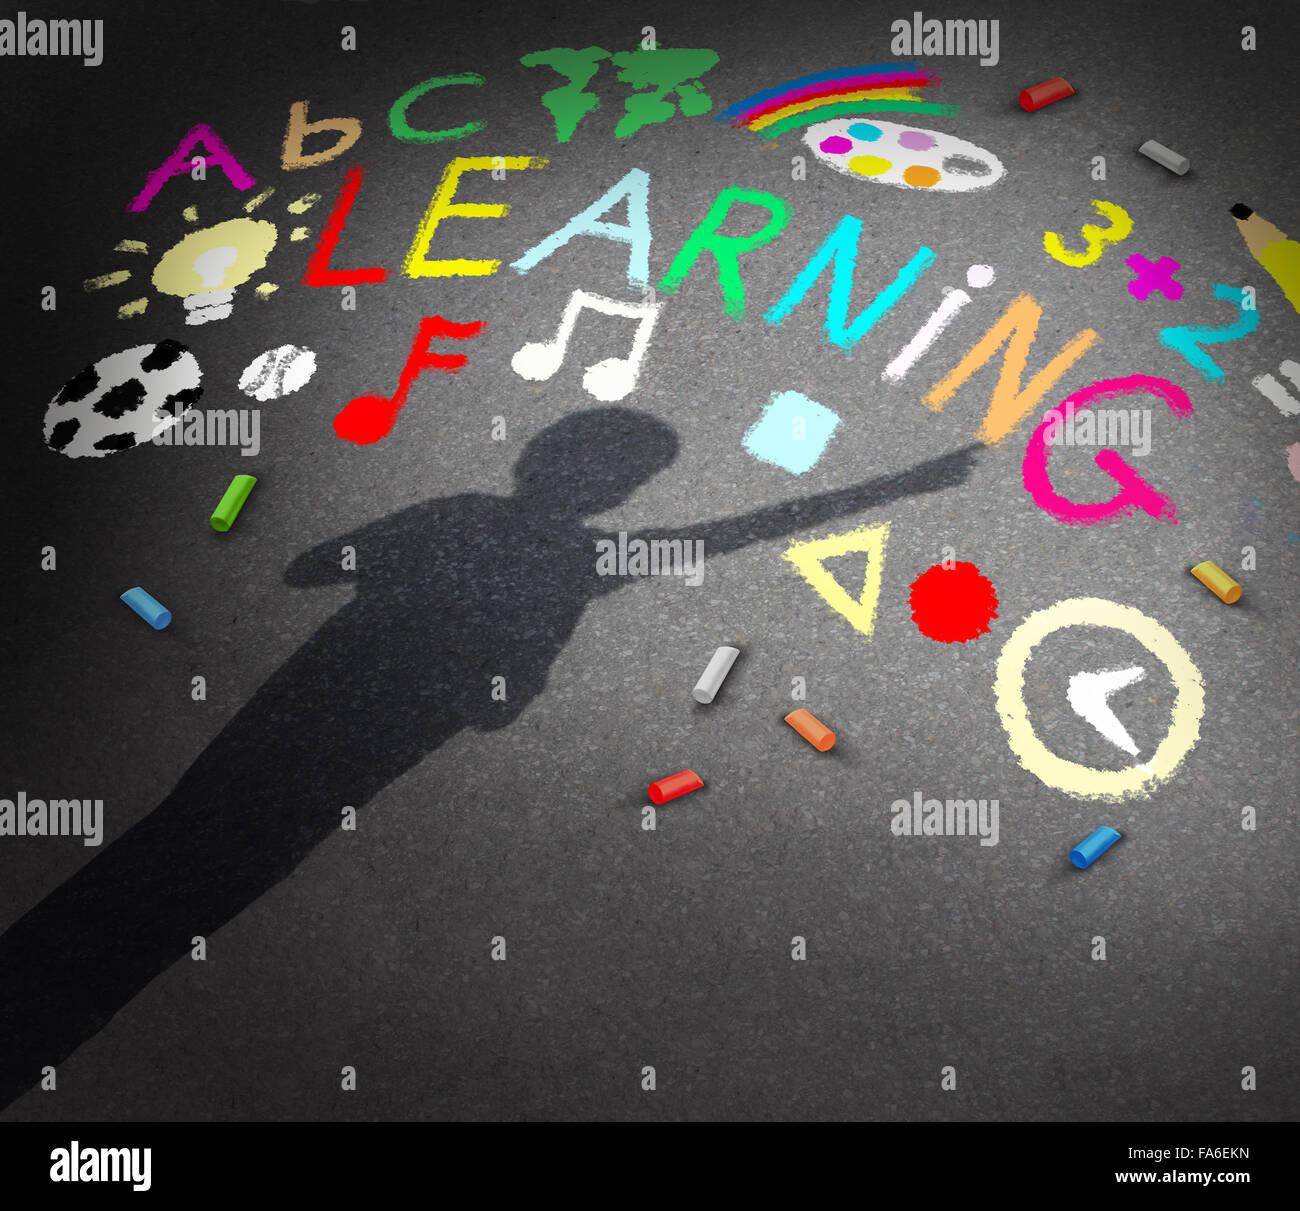 Bambino il concetto di apprendimento come l'ombra di un giovane studente su un schoolyard pavememt con gesso Immagini Stock